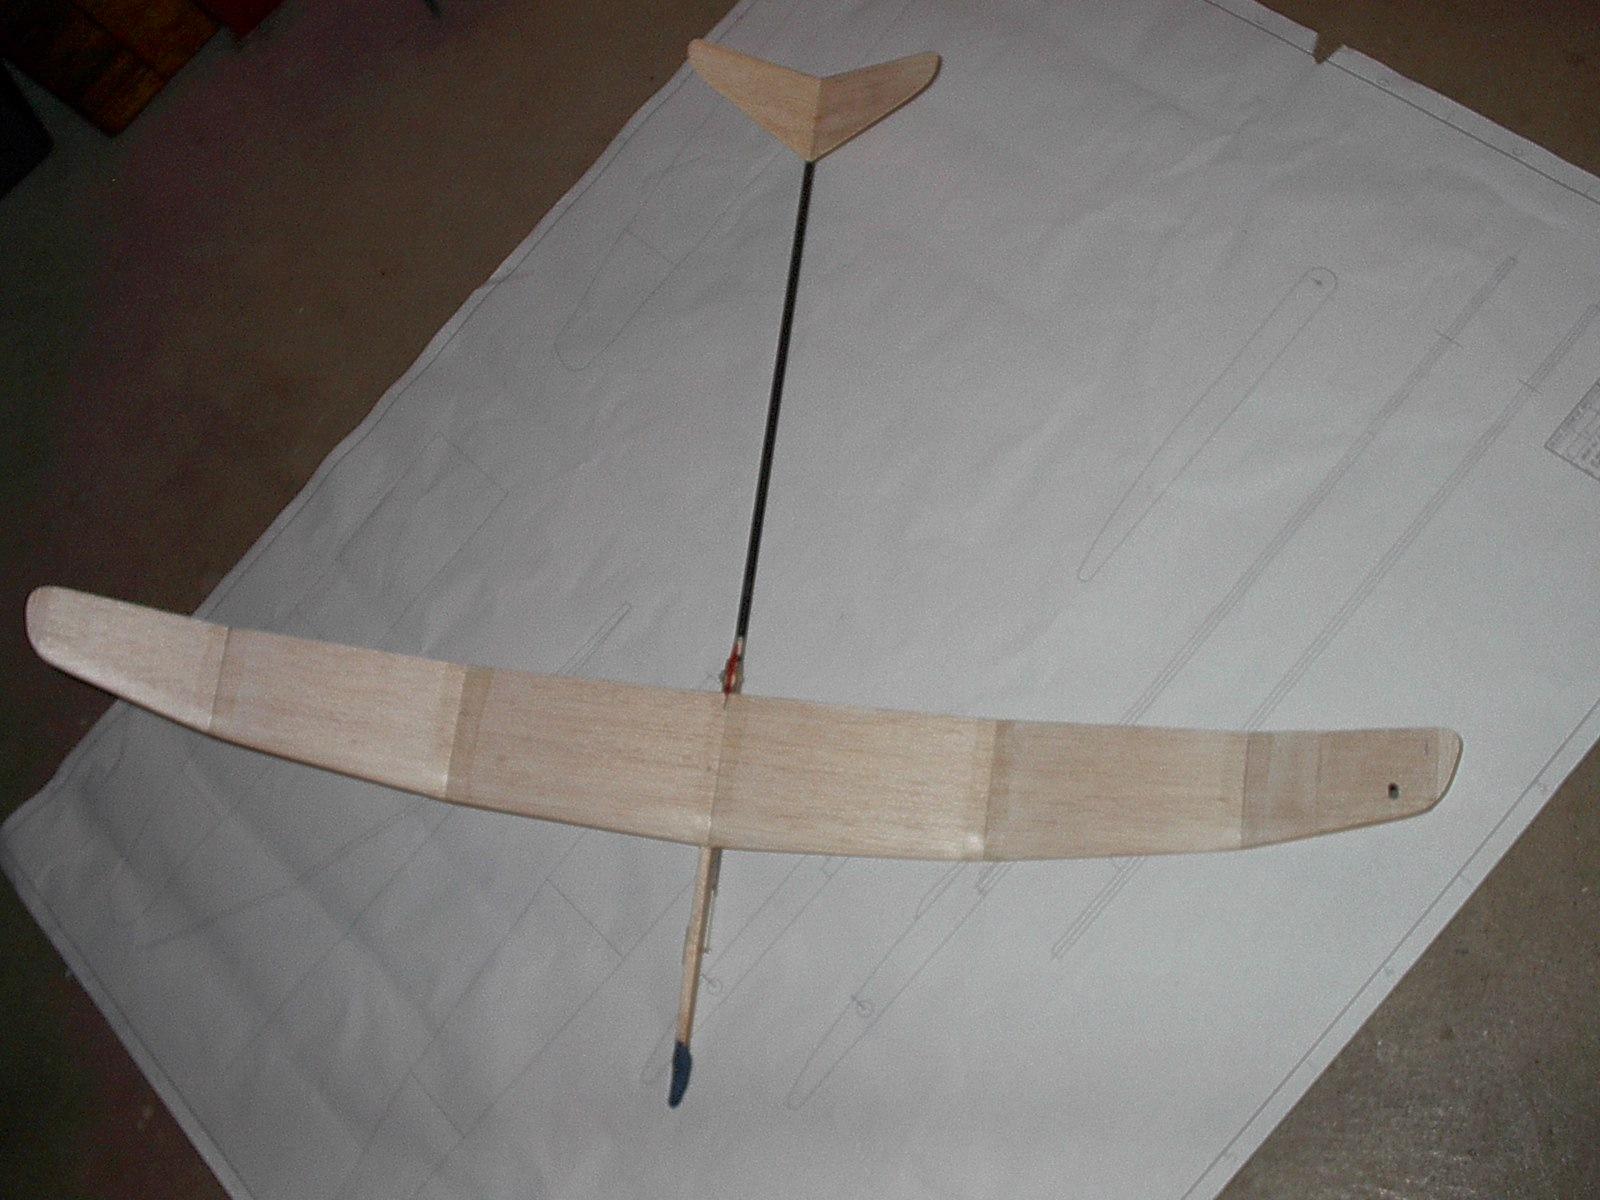 AMA Glider